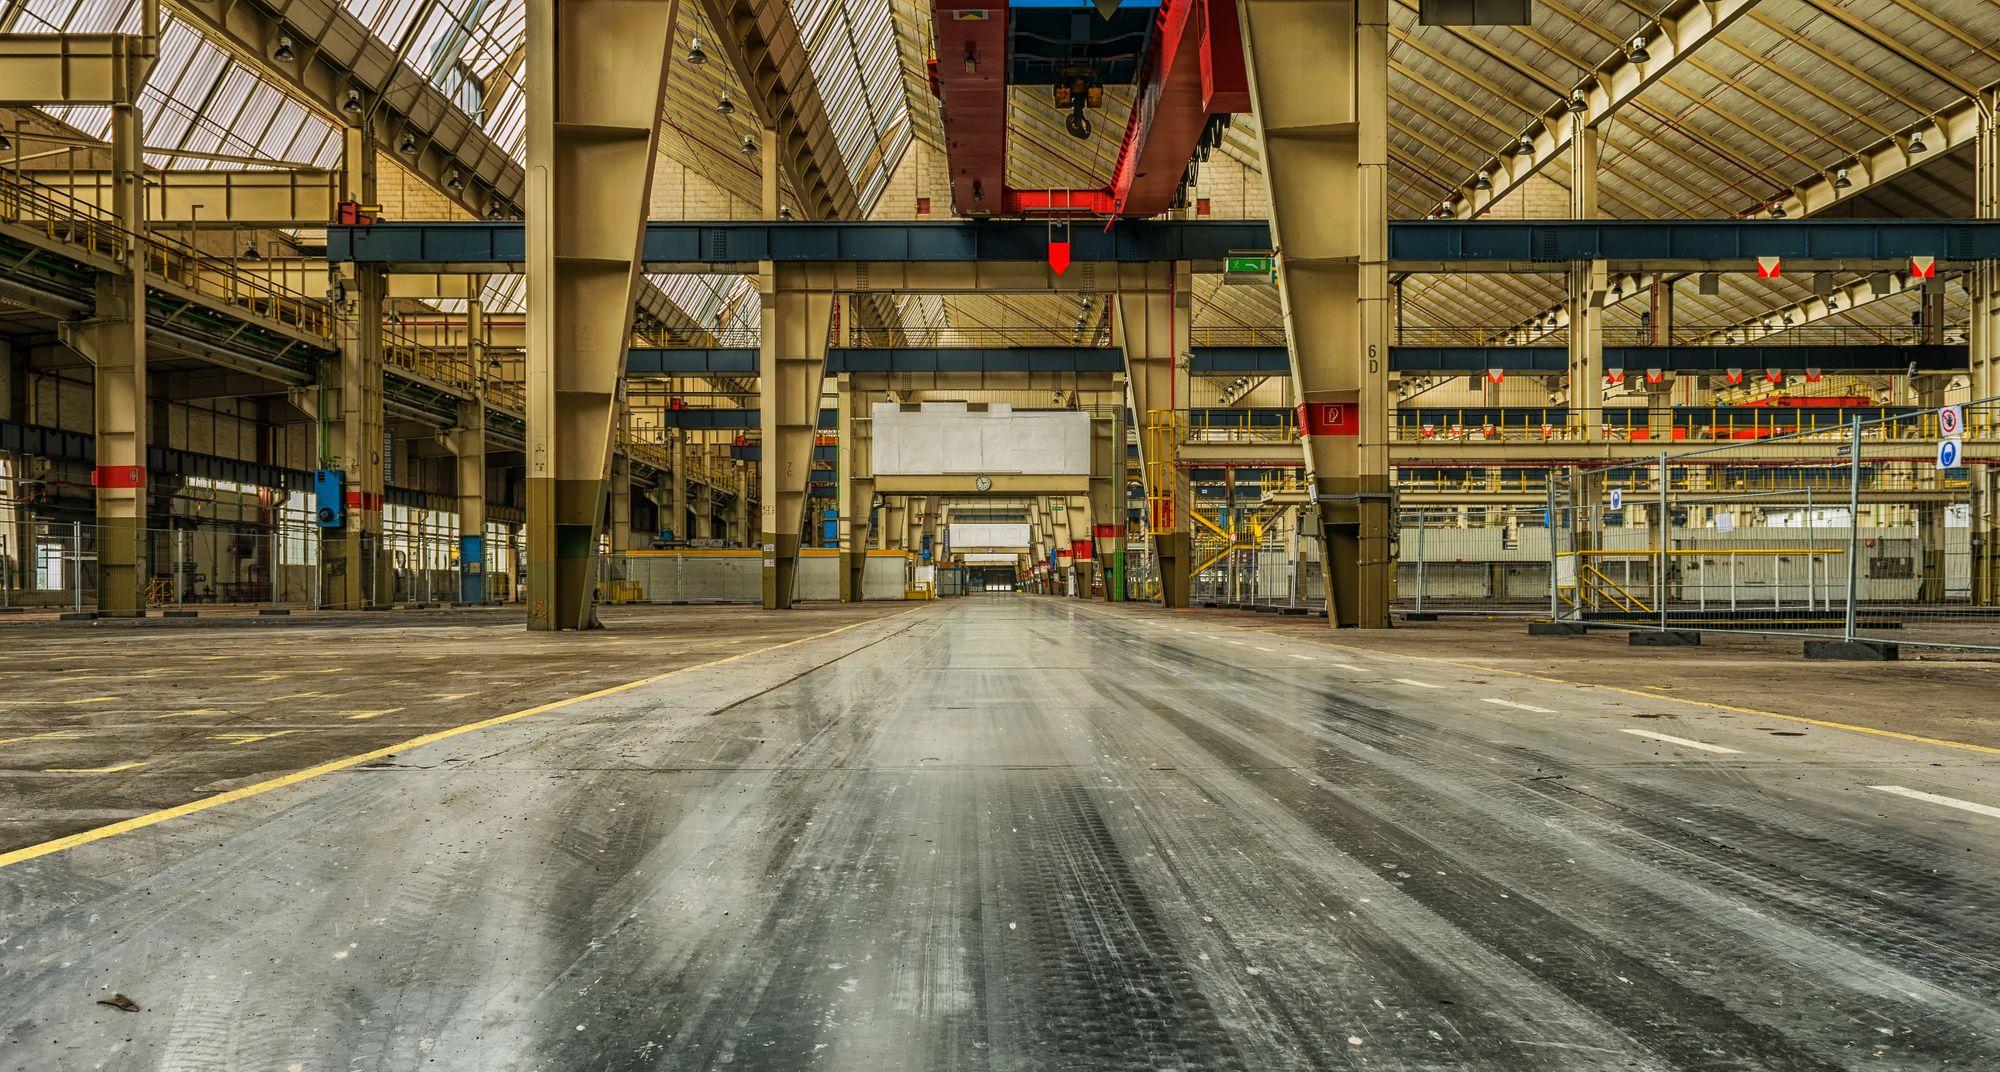 Industria 4.0, digitalización en los procesos industriales